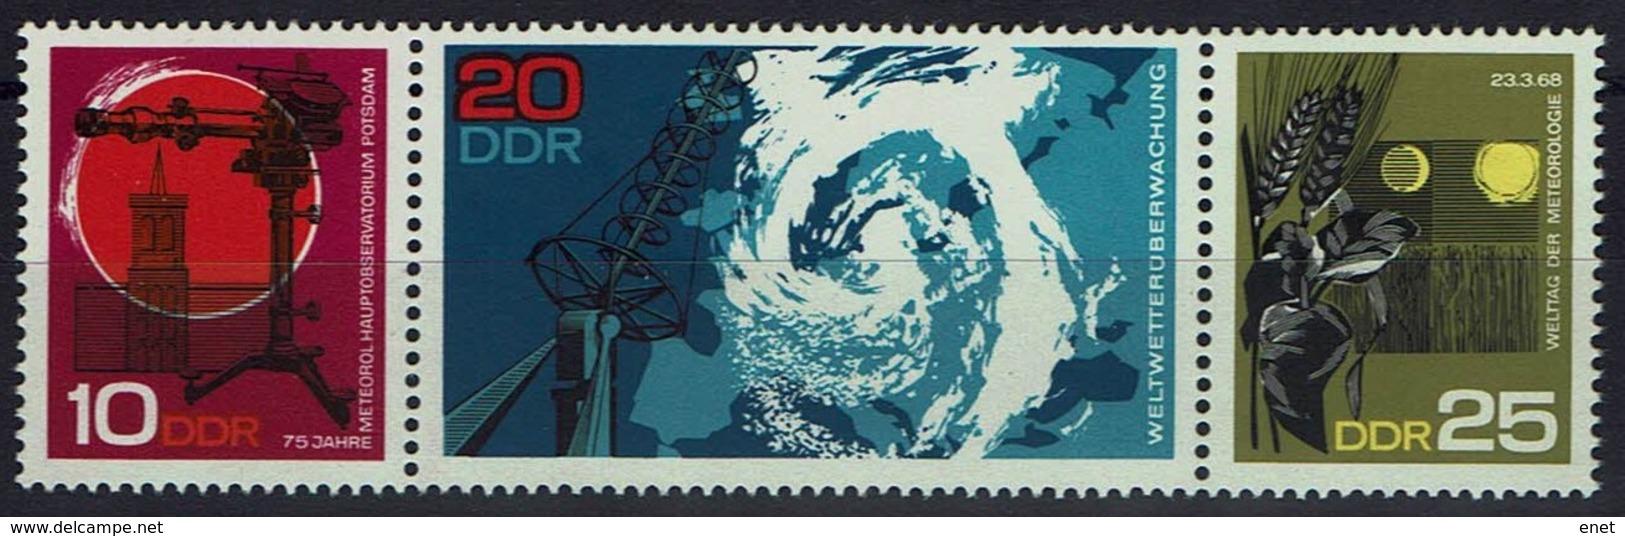 DDR 1968 - MiNr 1343-1345 Dreierstreifen - Meteorologisches Hauptobservatorium Potsdam - Umweltschutz Und Klima